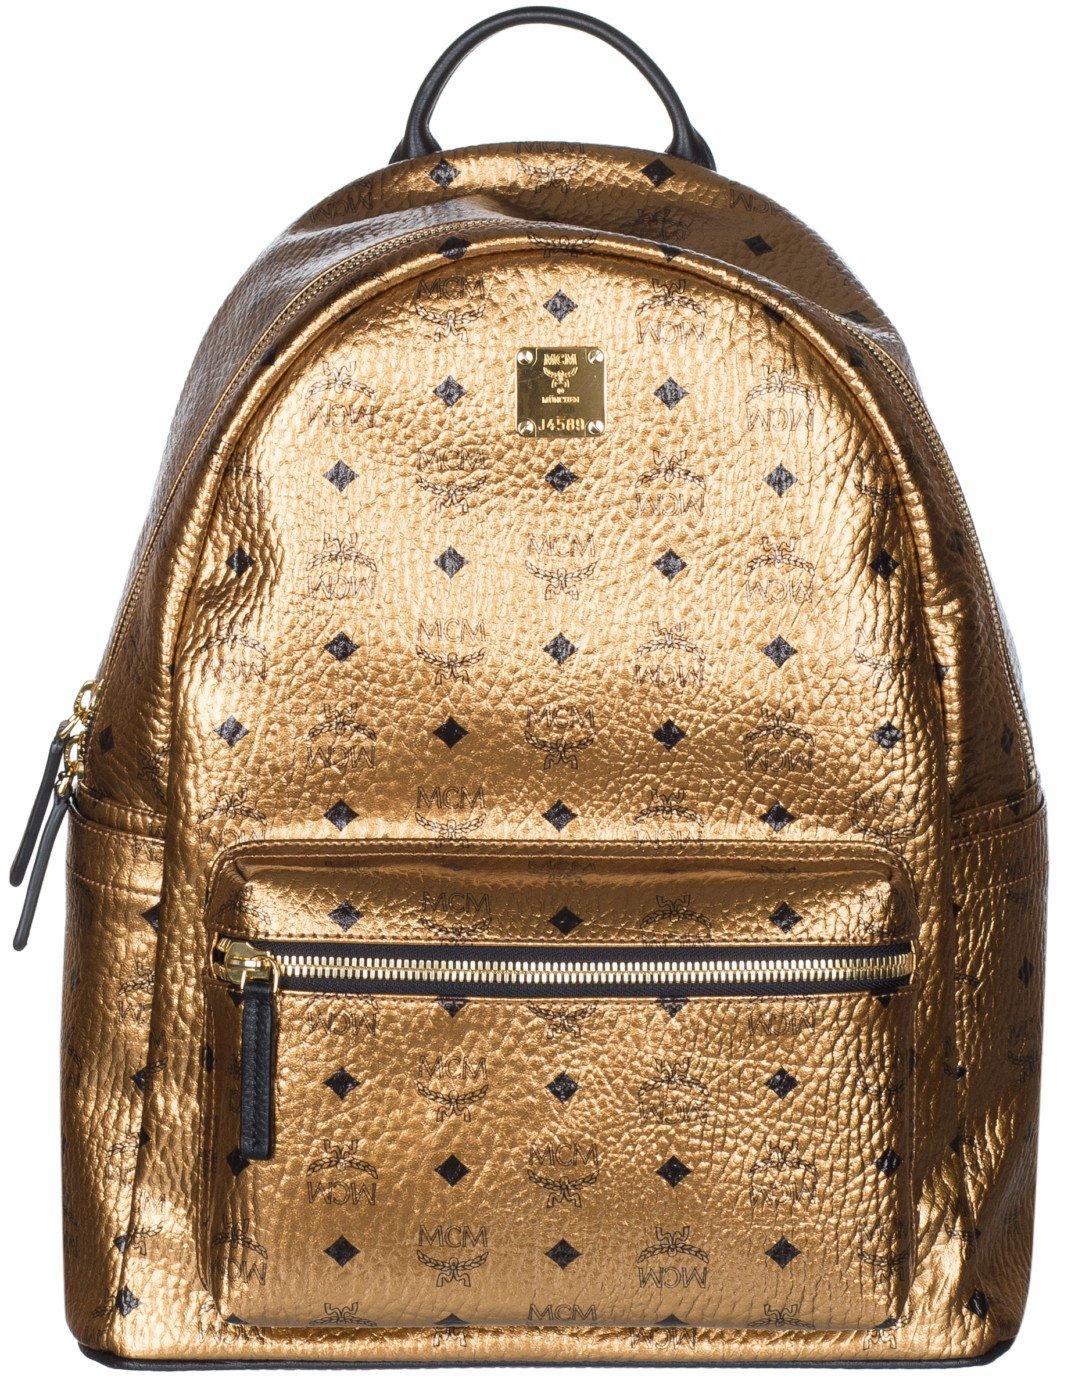 MCM Unisex Gold Weekender Visetos Backpack Bag